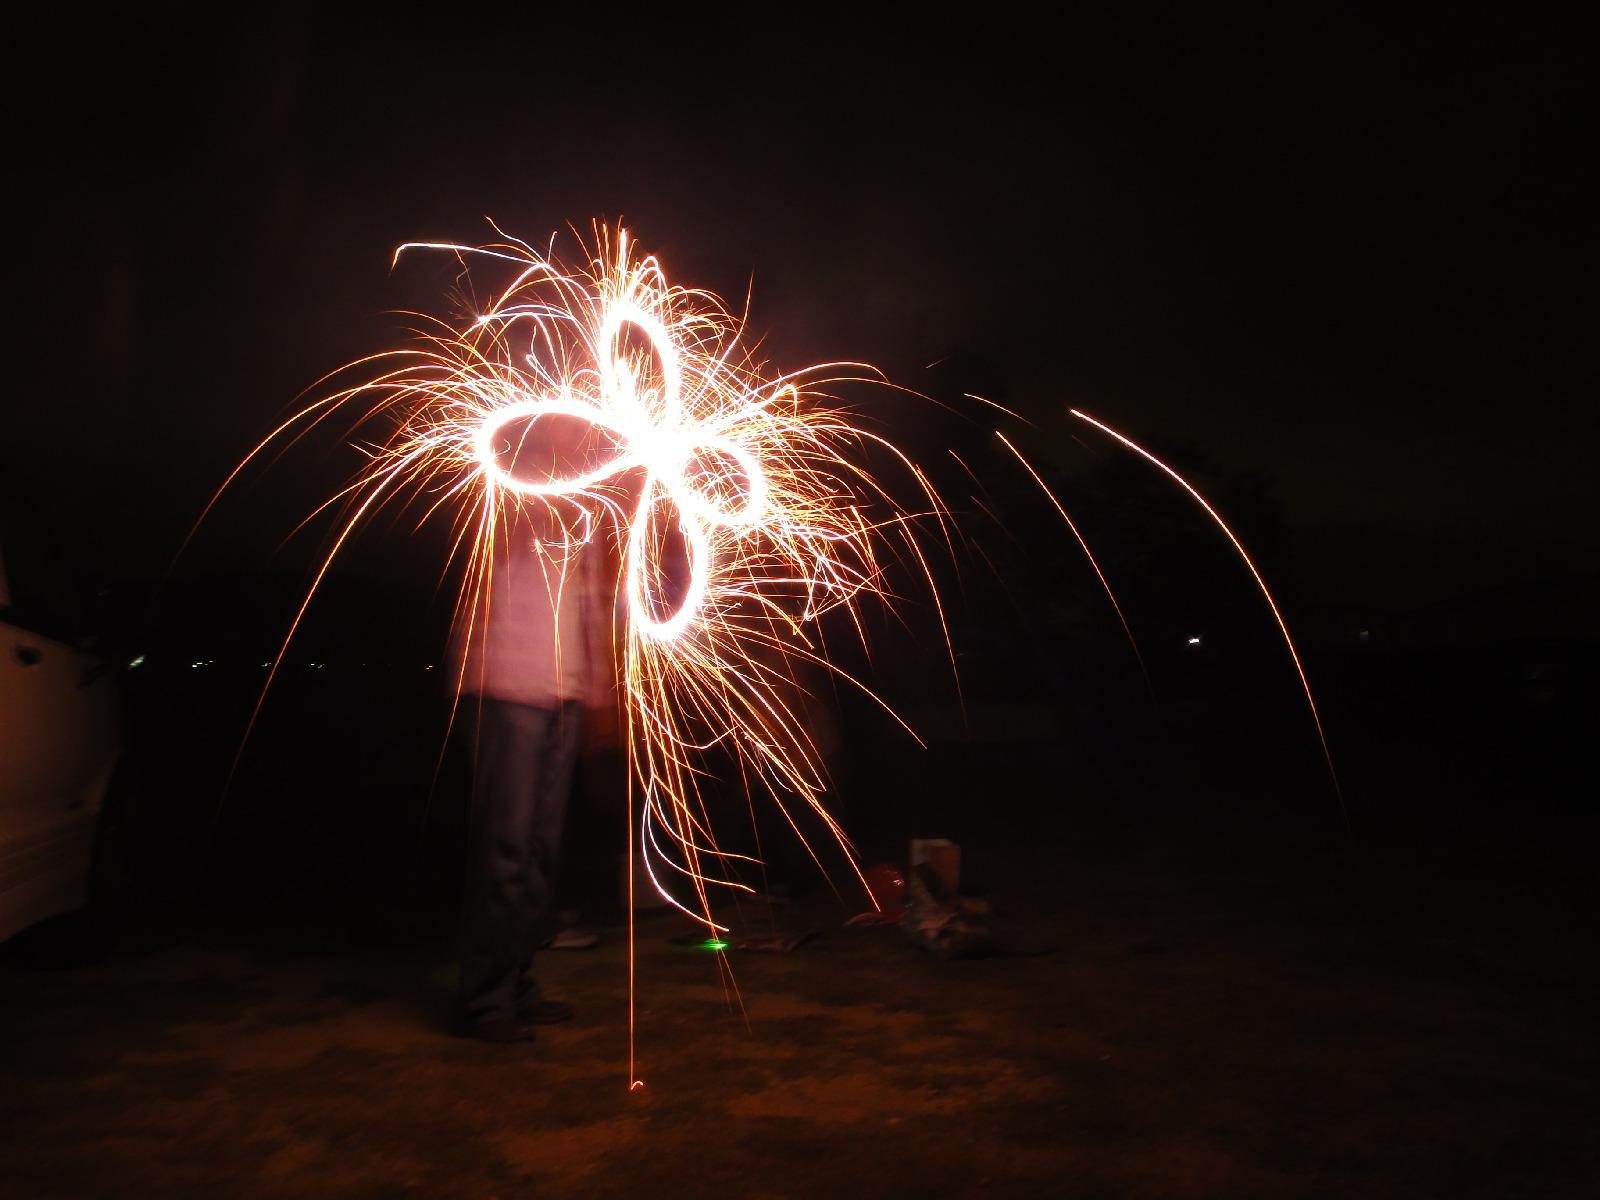 FireFloweArt_001.jpg